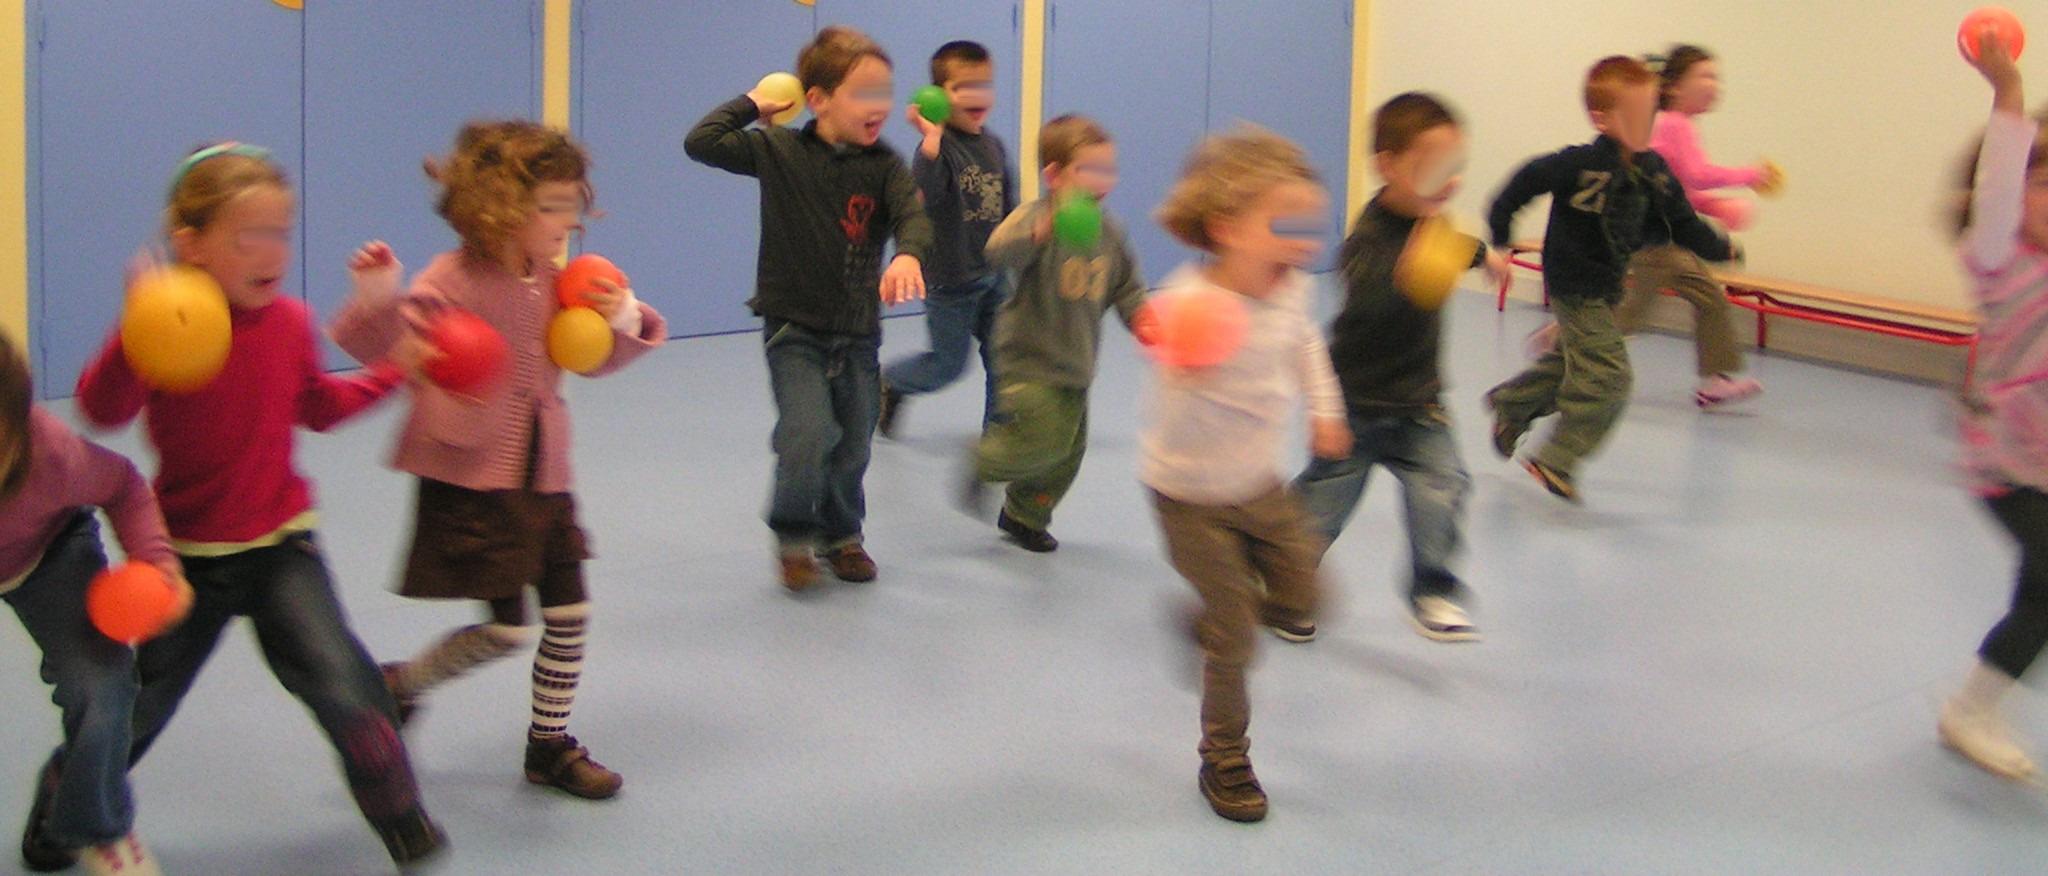 Jeux Collectifs Pour La Maternelle - Le Tour De Ma Classe destiné Petit Jeu Maternelle